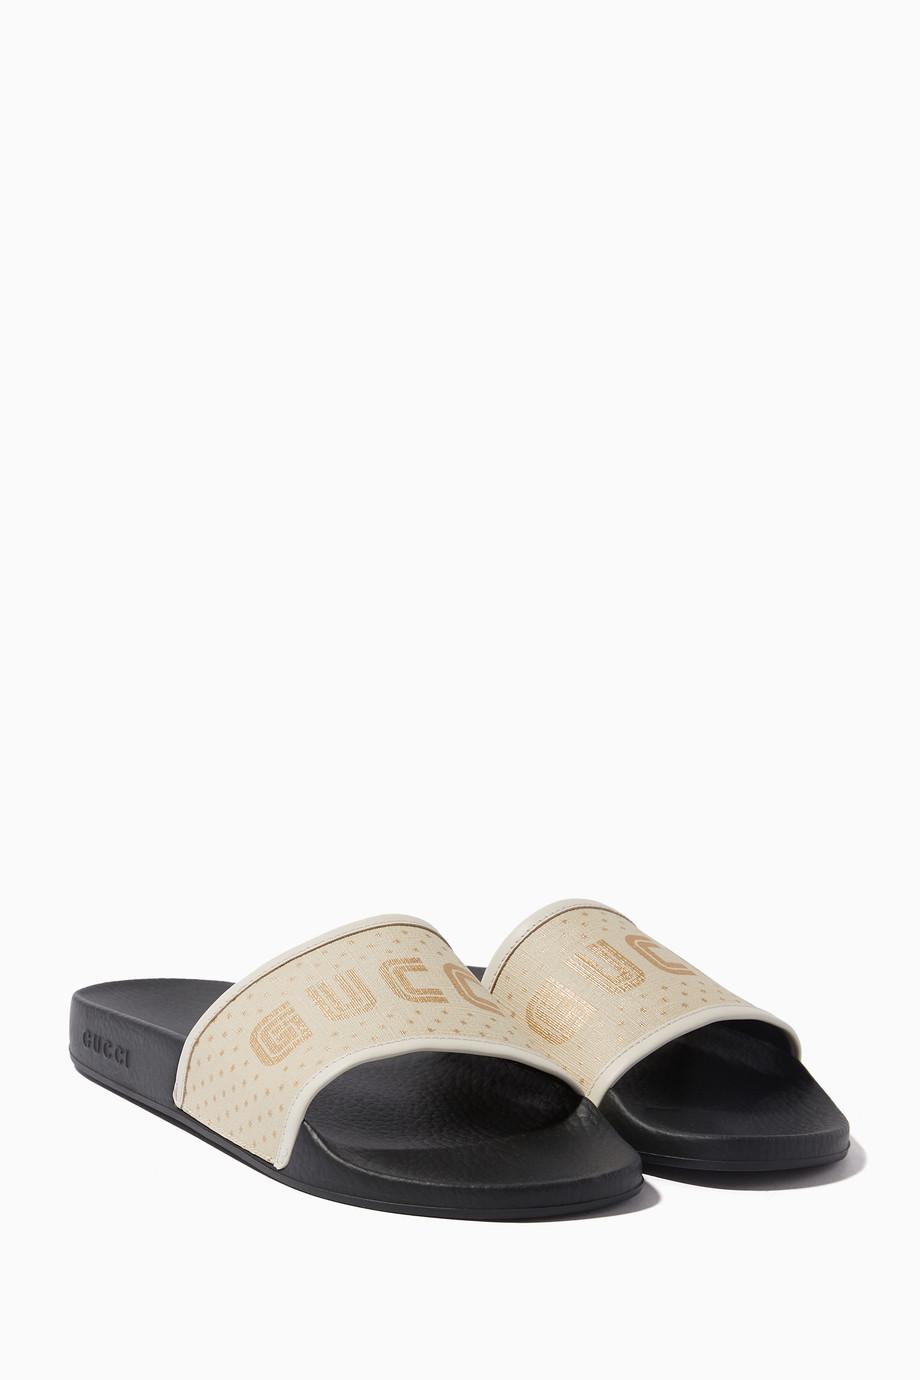 d1b1a2730c19 Shop Gucci White White Pursuit Guccy Rubber Slides for Women ...